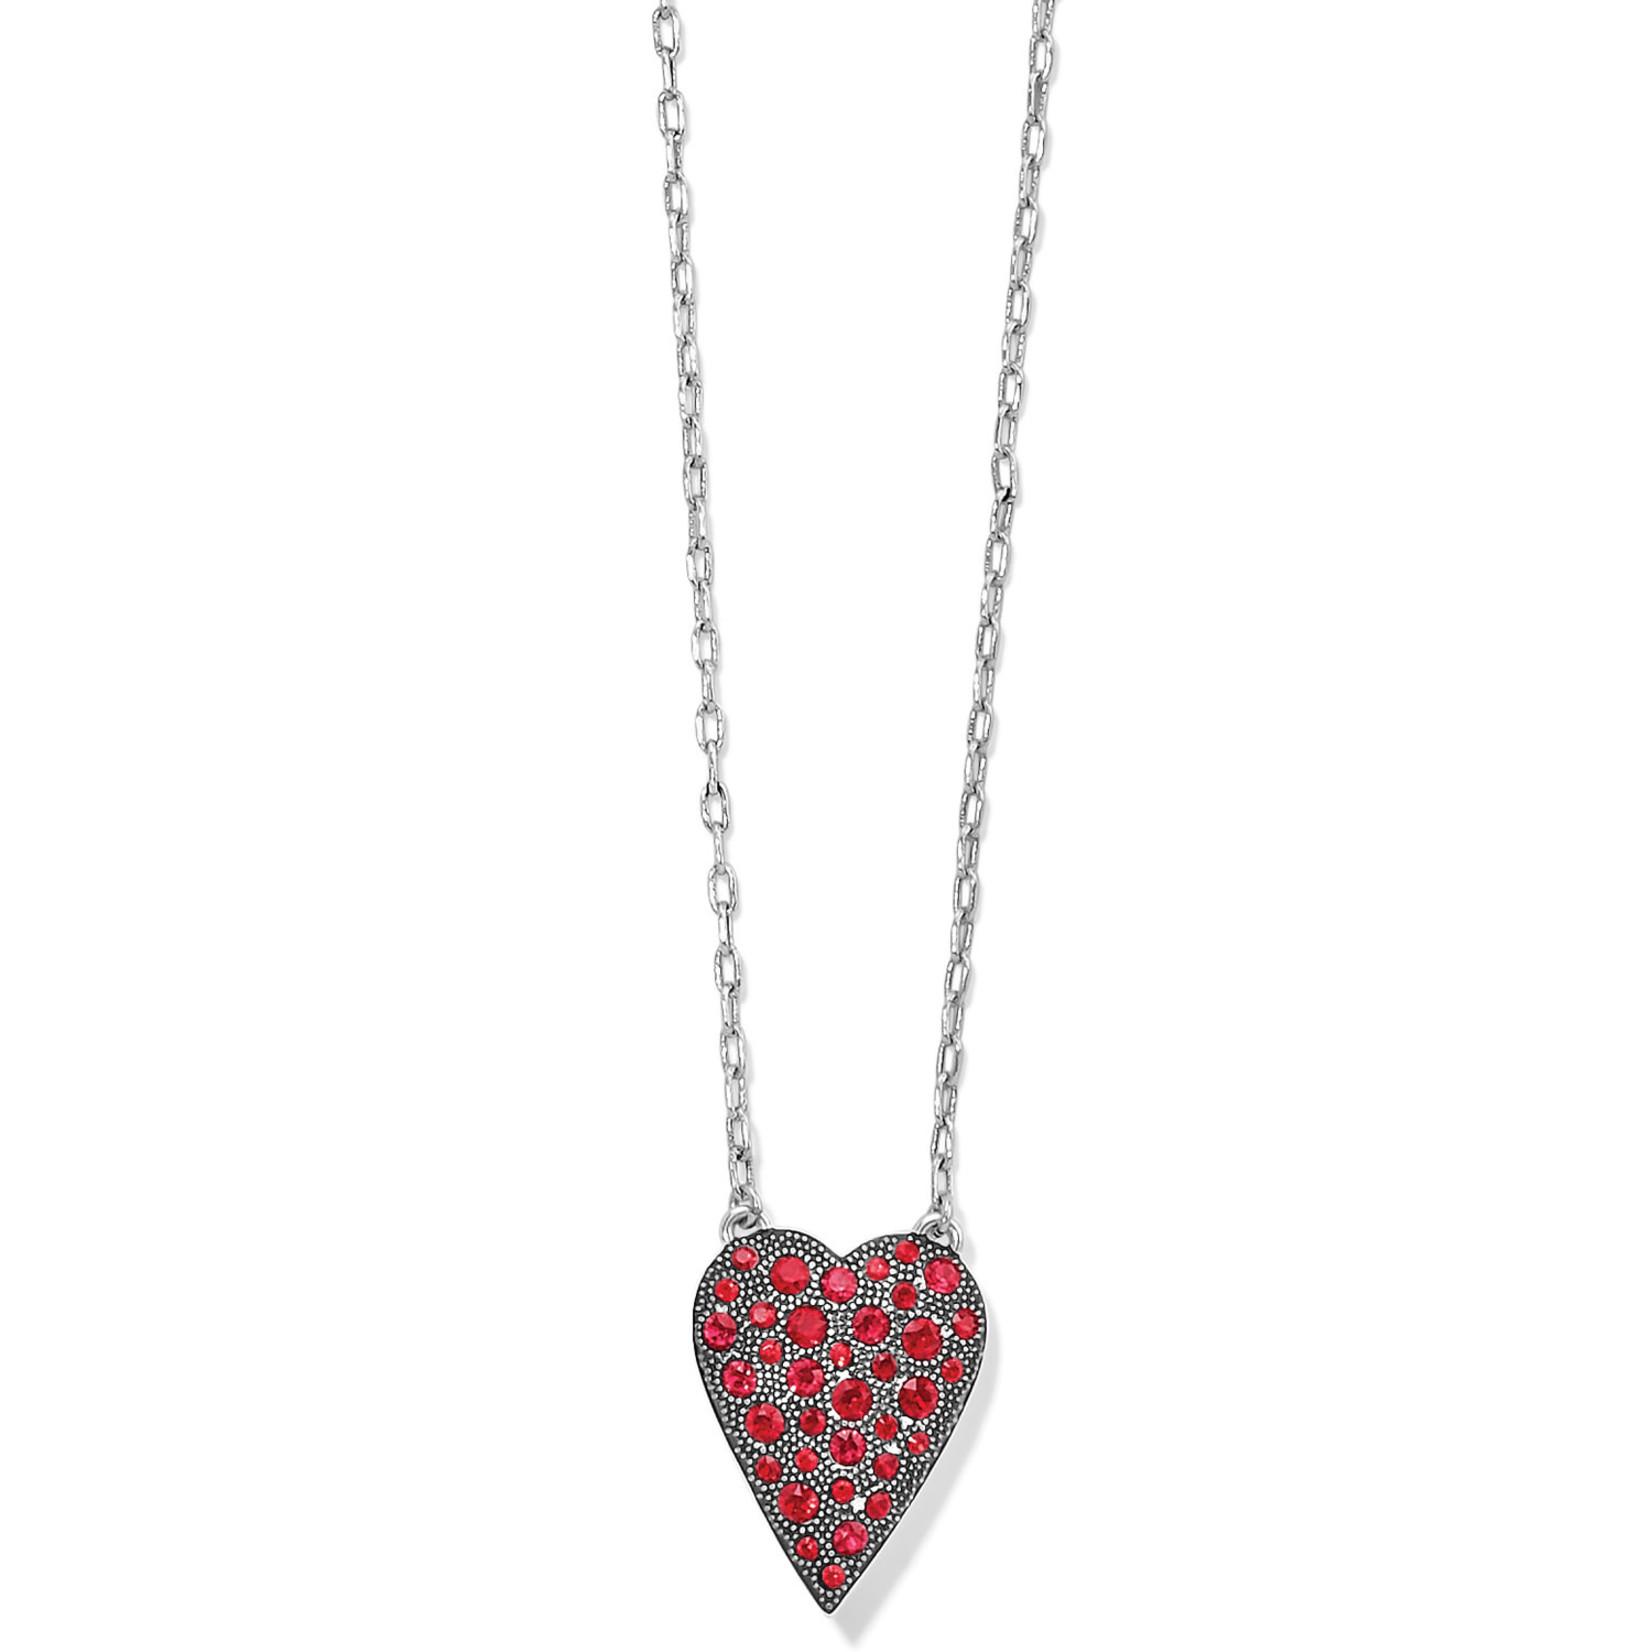 Brighton Glisten Heart Petite Necklace - Silver-Red